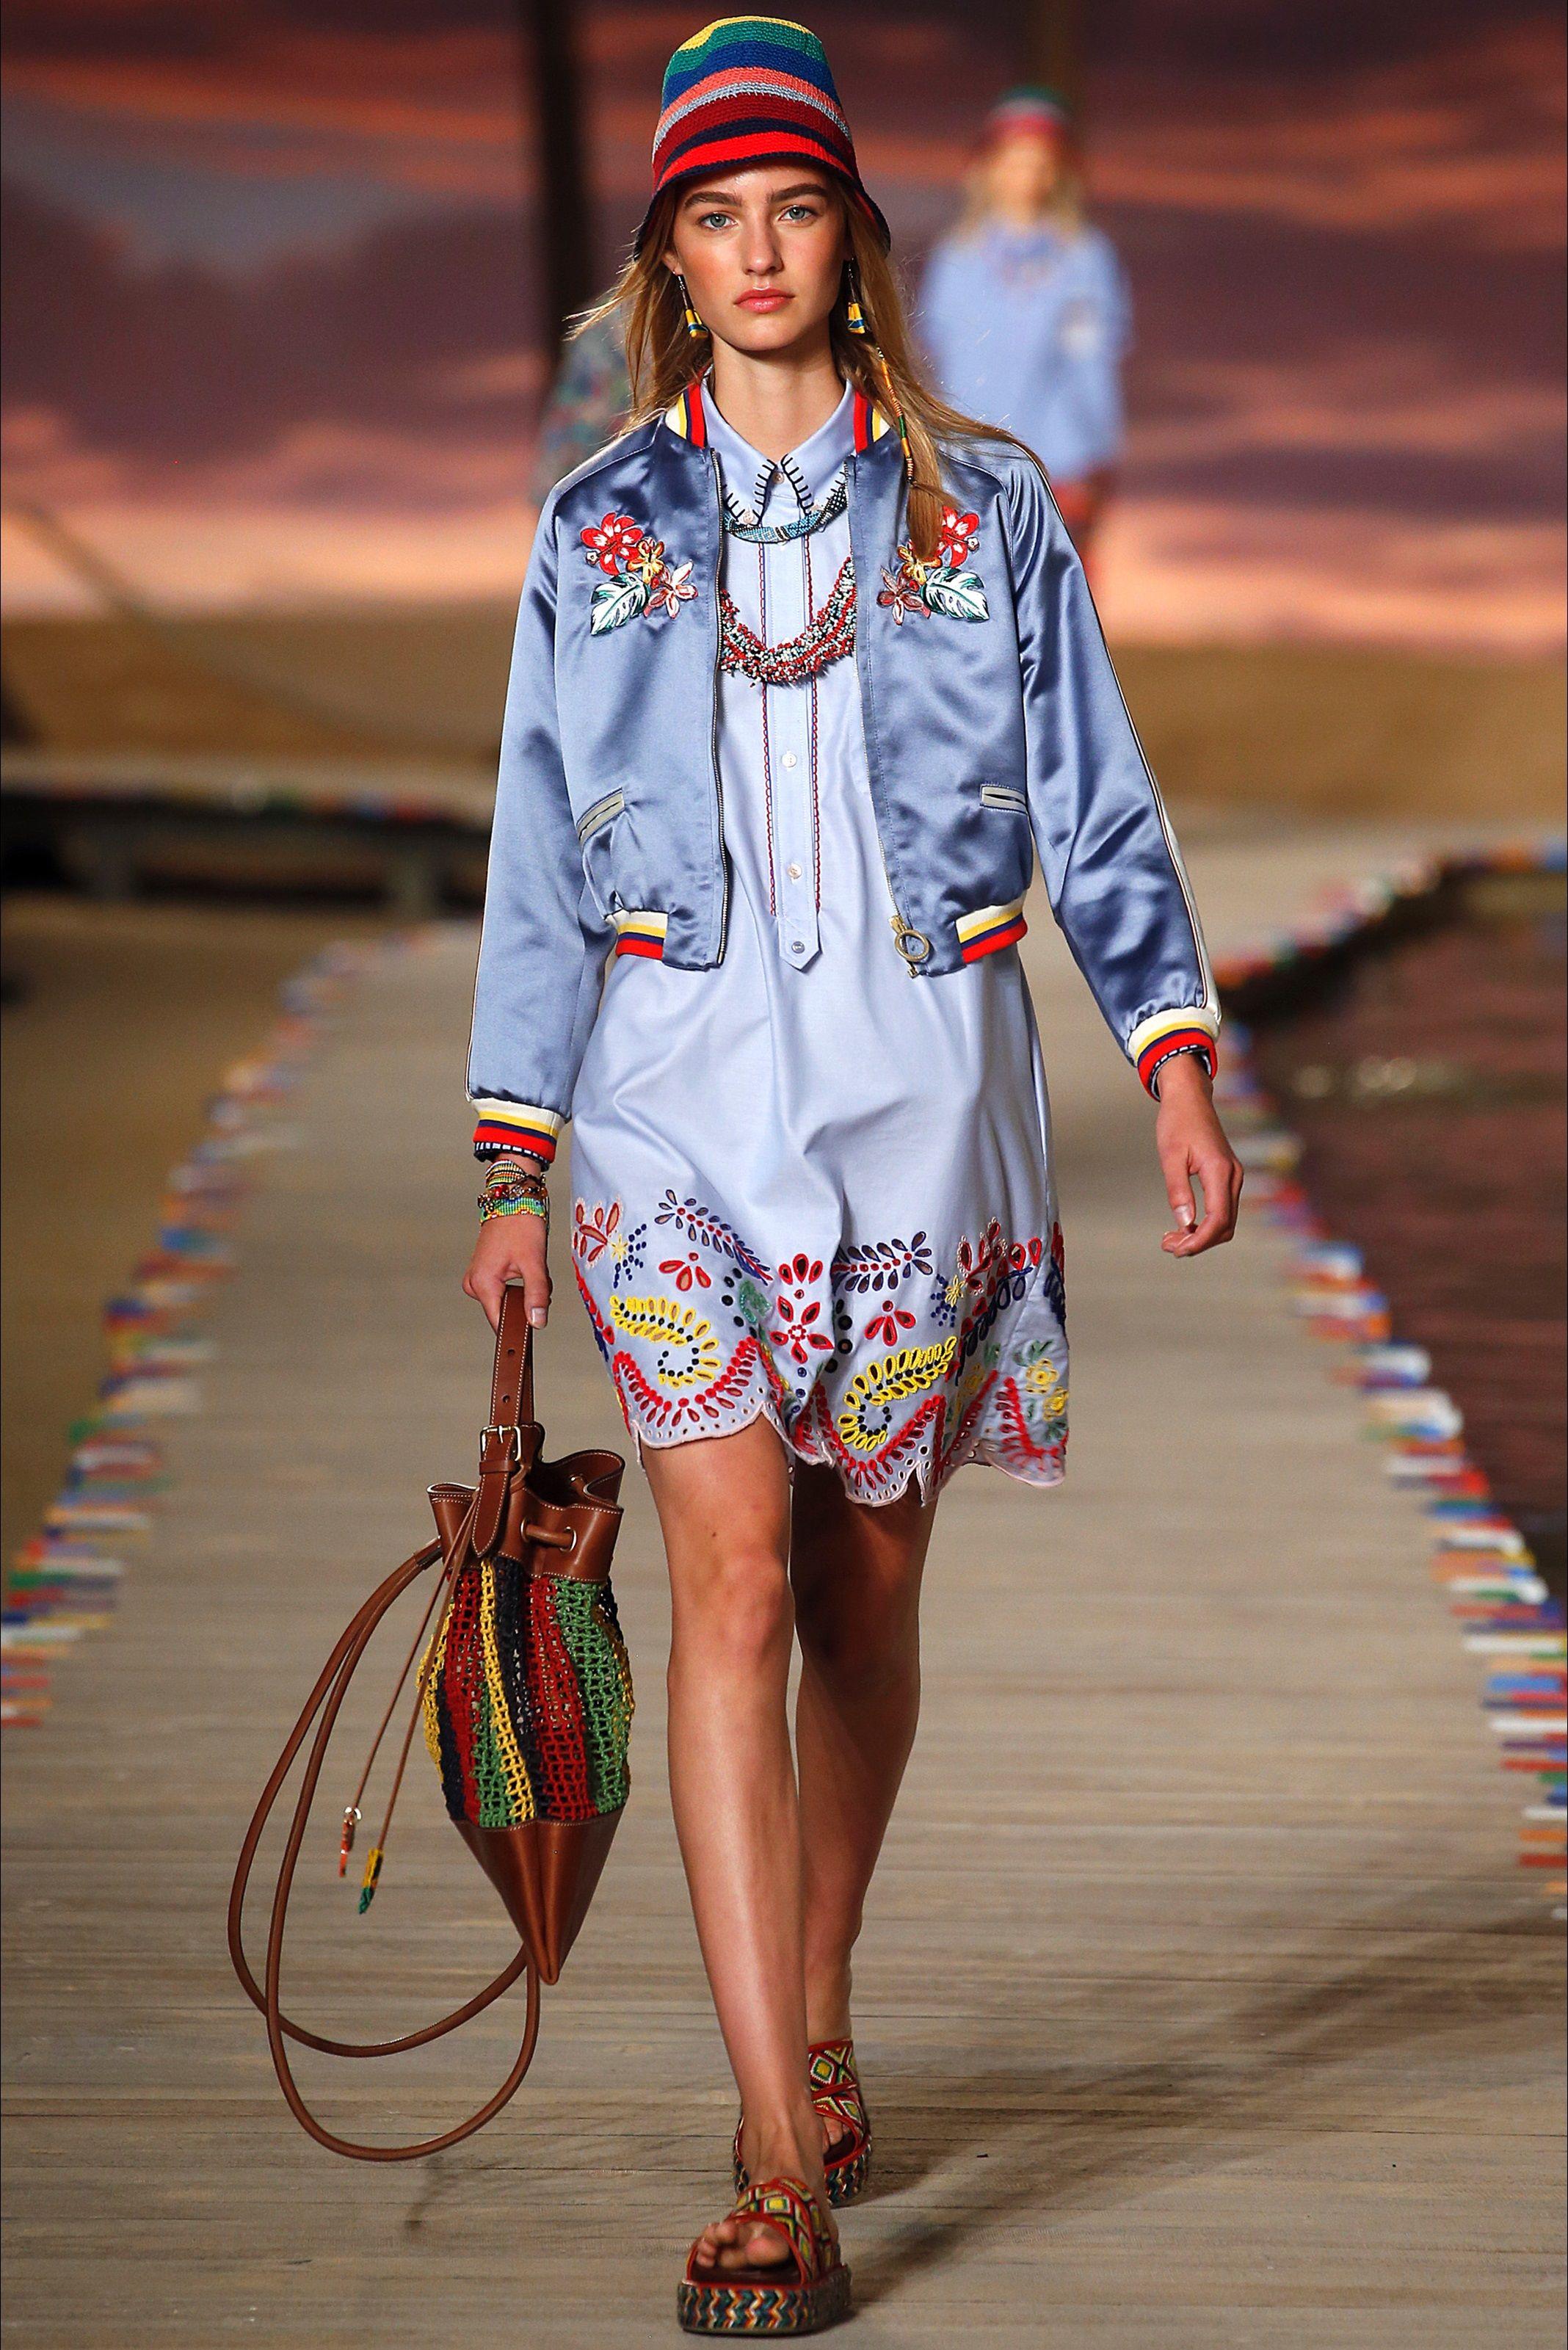 Sfilata Tommy Hilfiger New York - Collezioni Primavera Estate 2016 - Vogue